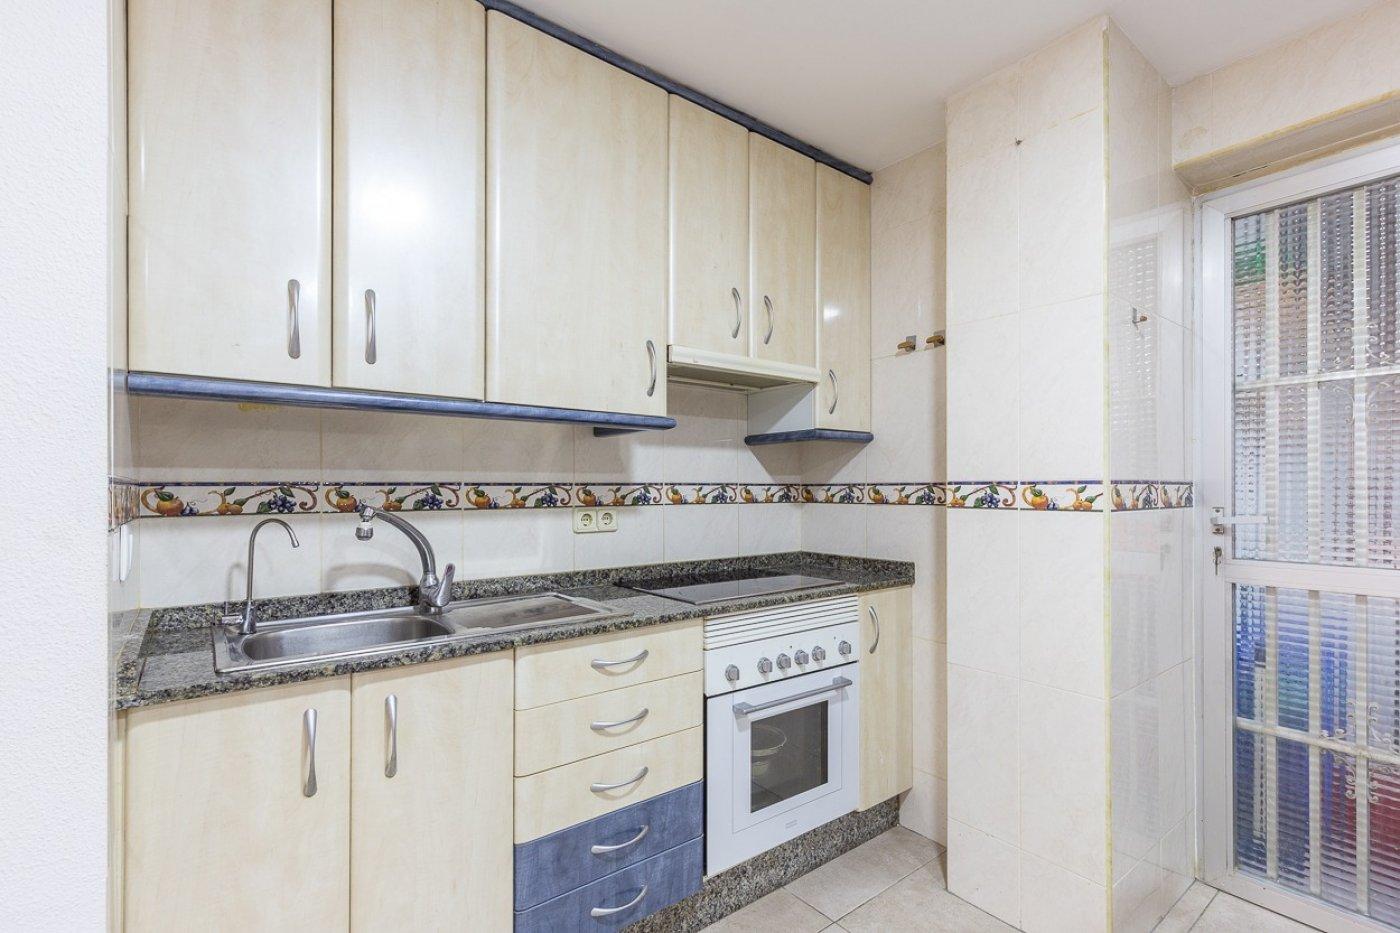 Piso de 2 dormitorios (3 de origen), en pleno centro de Benidorm. A 500 metros de la playa. 26